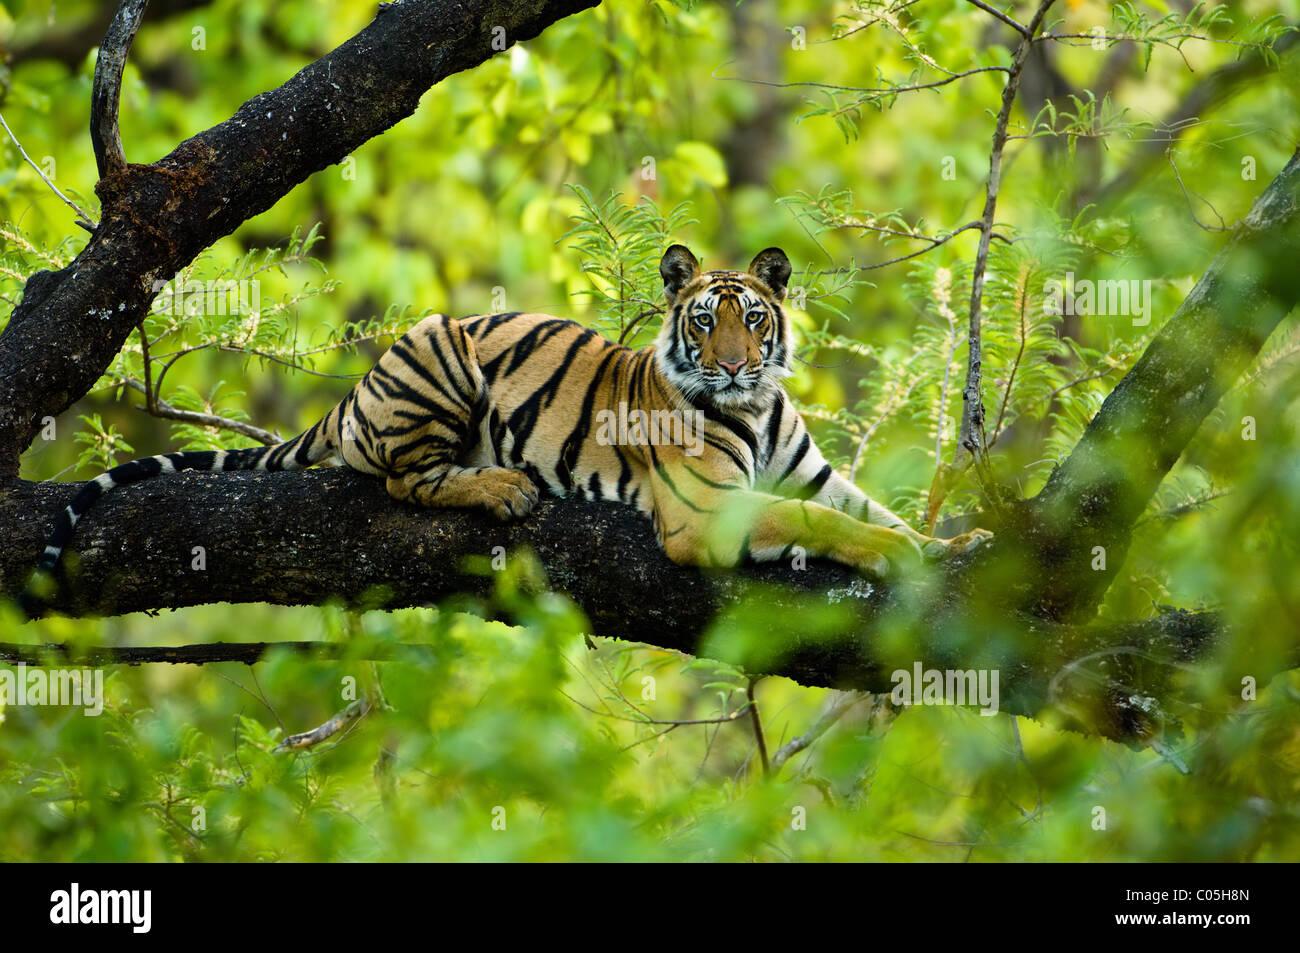 Adolescente di sesso maschile tigre del Bengala (circa quindici mesi) in appoggio su un albero. Bandhavgarh NP, Immagini Stock